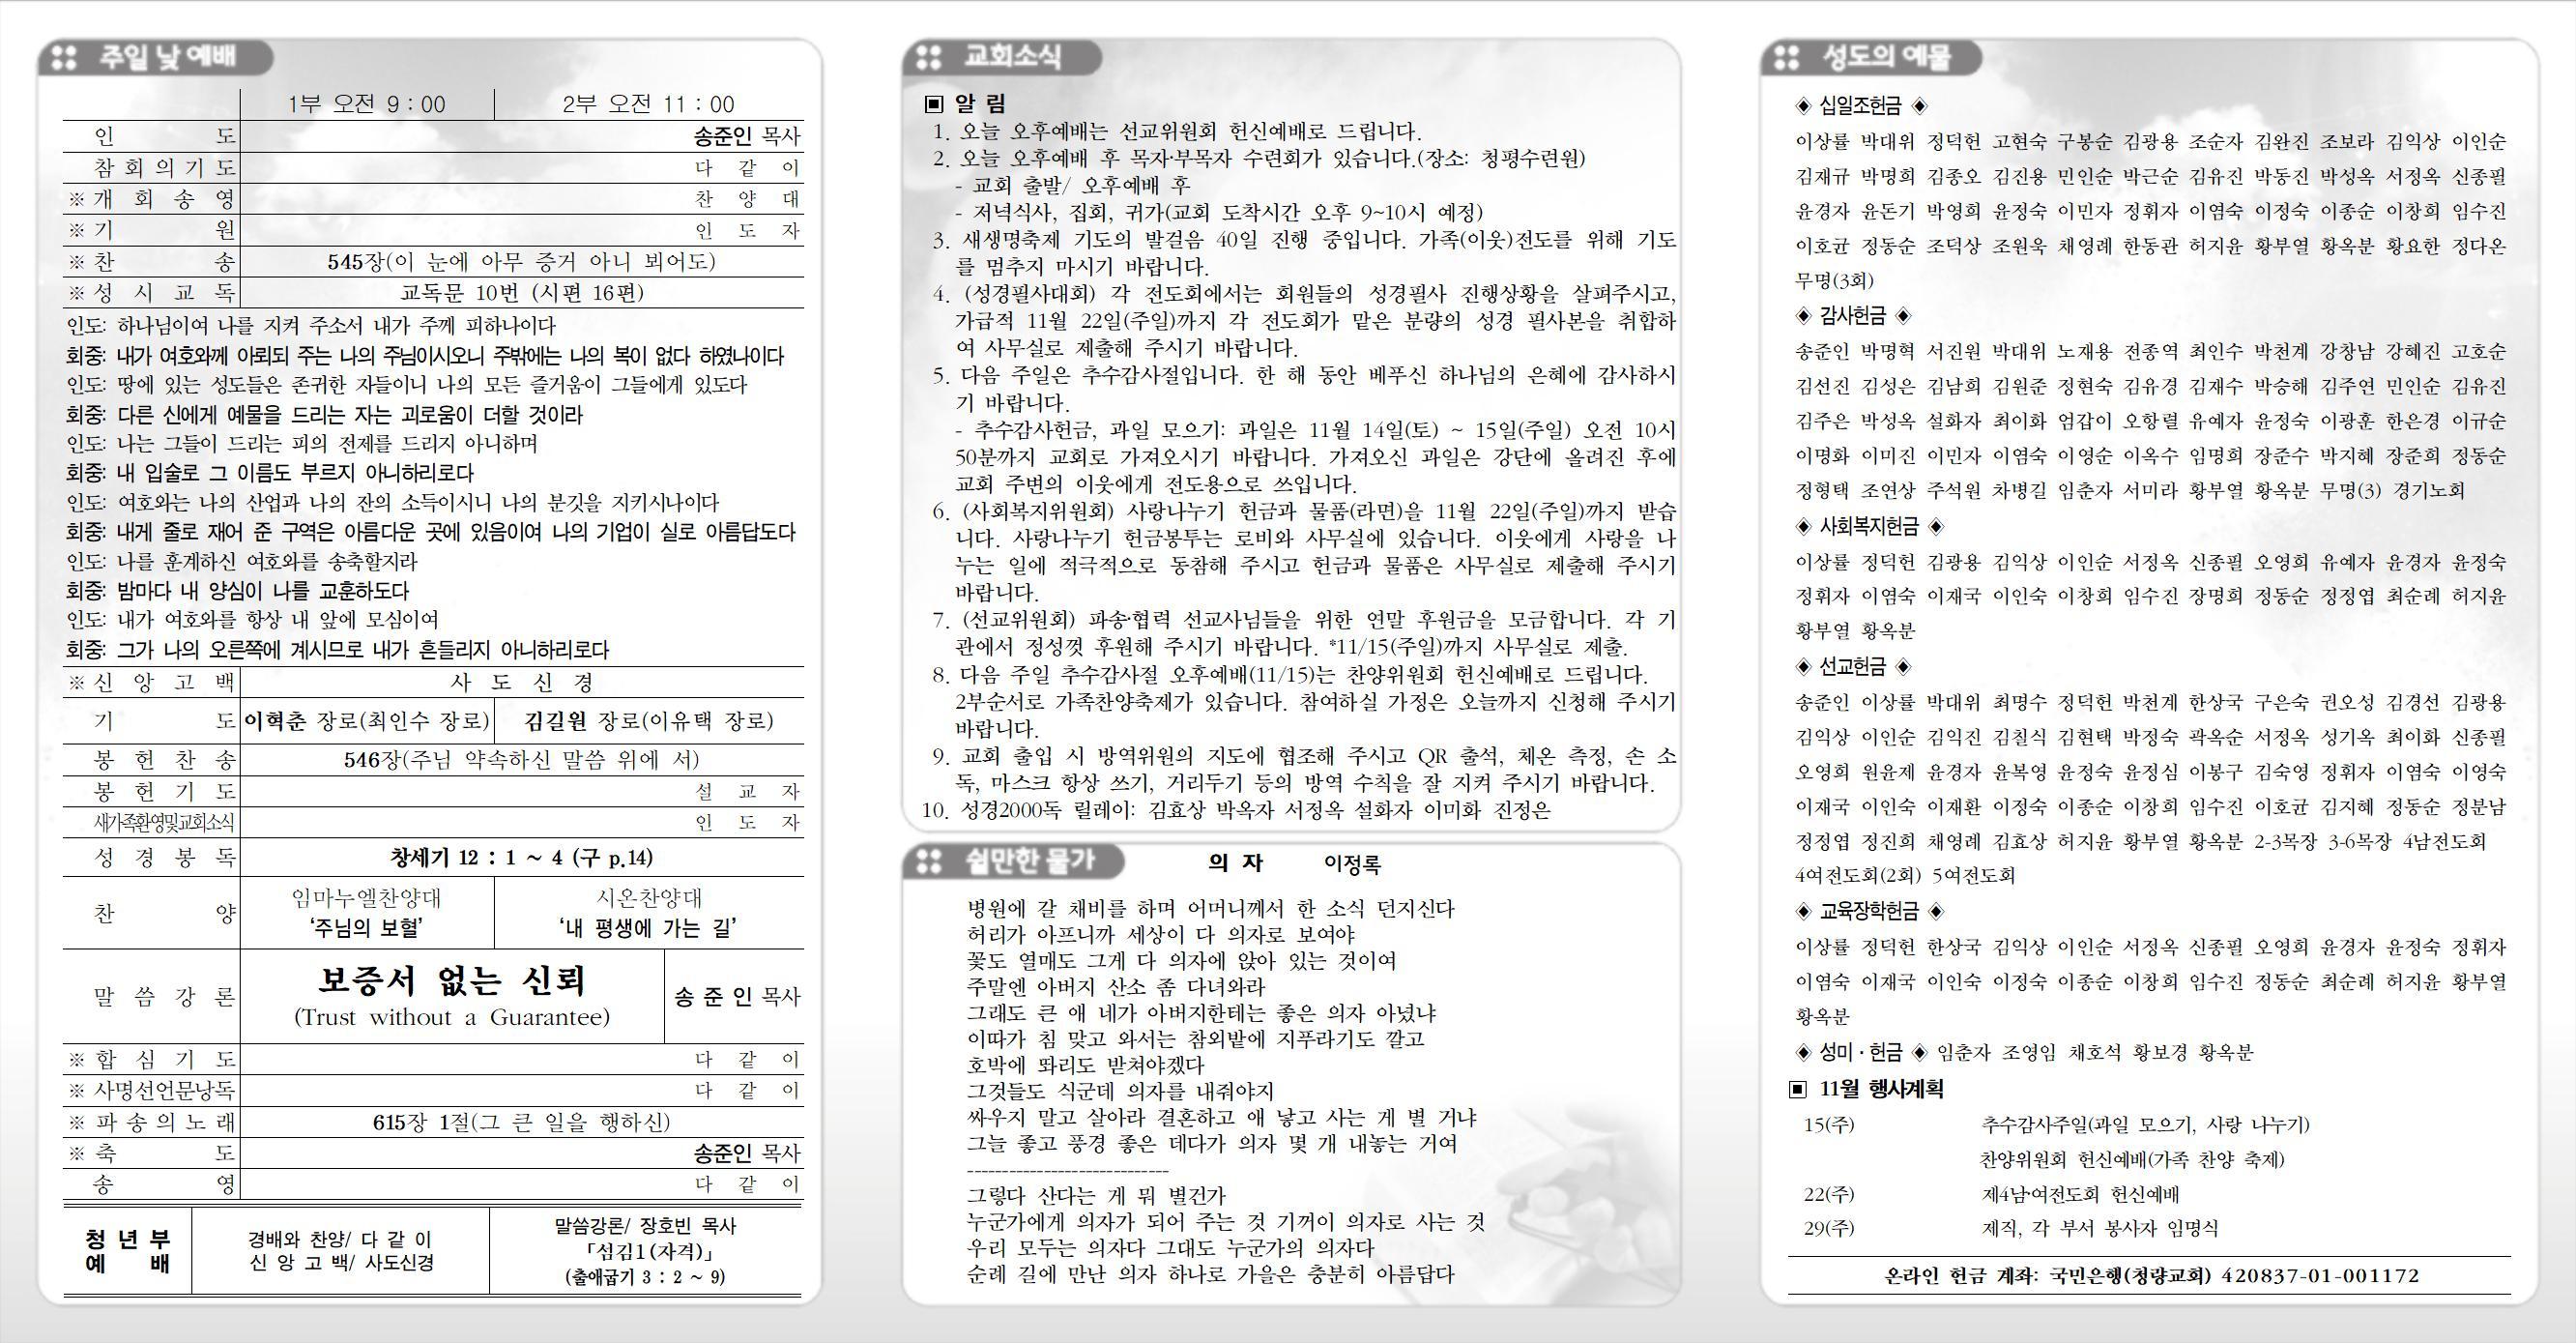 20201108청량주보(광고면)-선교위헌신001.jpg